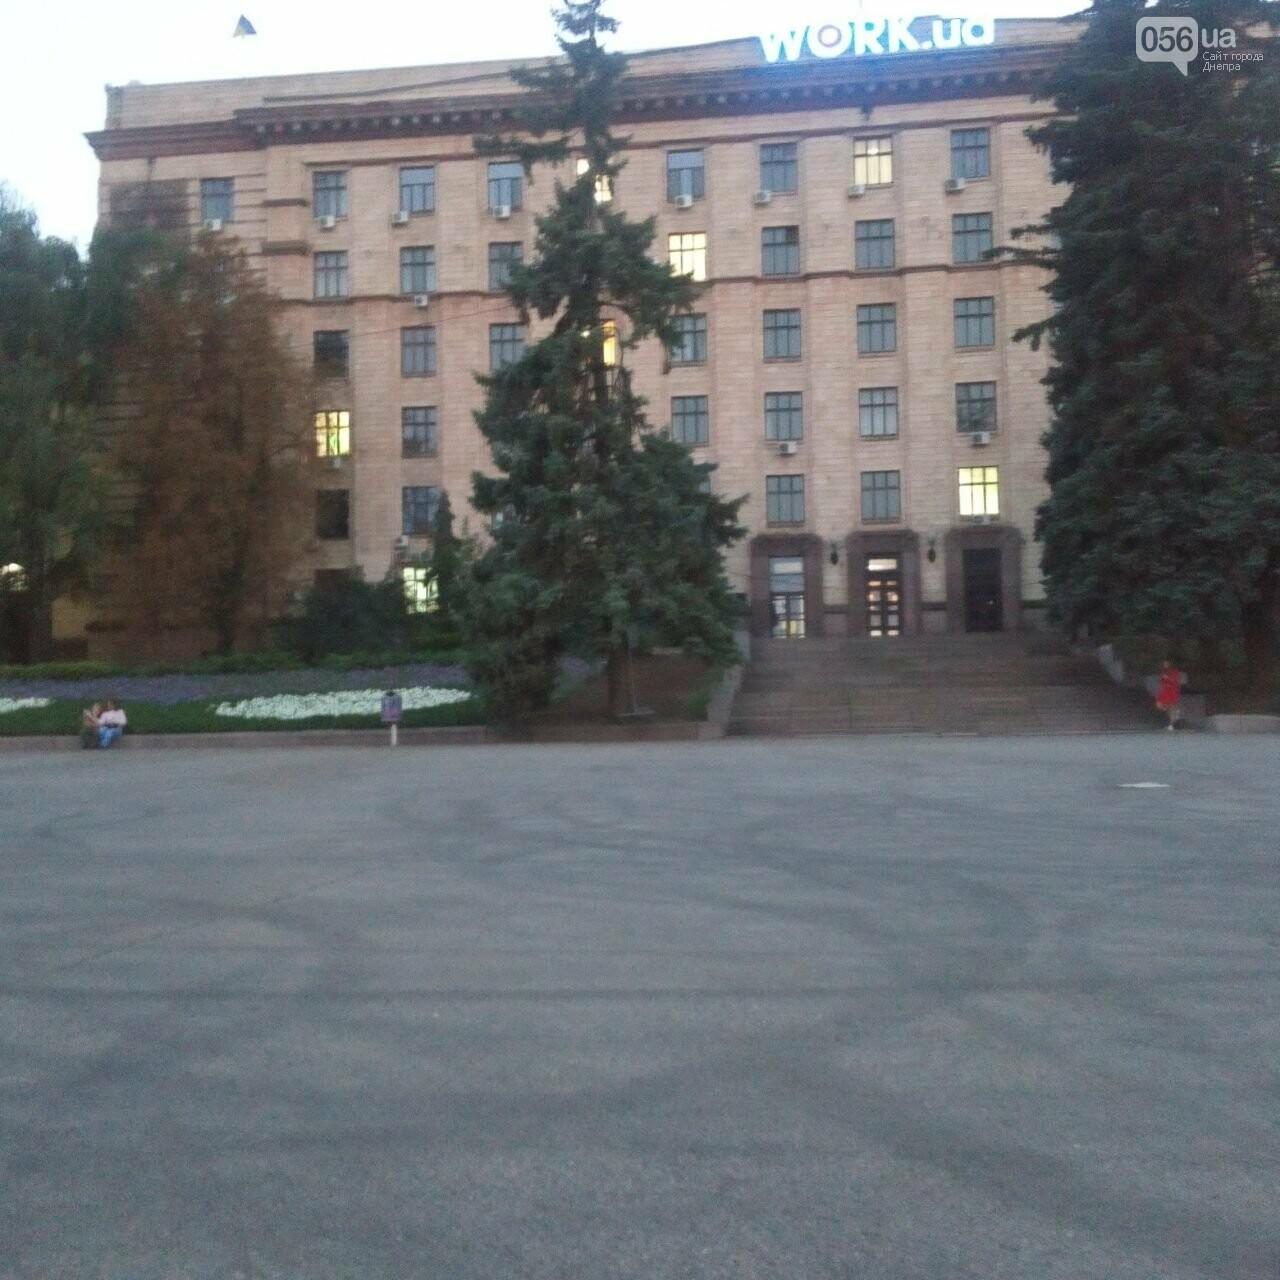 Дрифт в центре Киева спровоцировал скандал, а для Днепра стал шоу с жирными следами, - ФОТО, фото-14